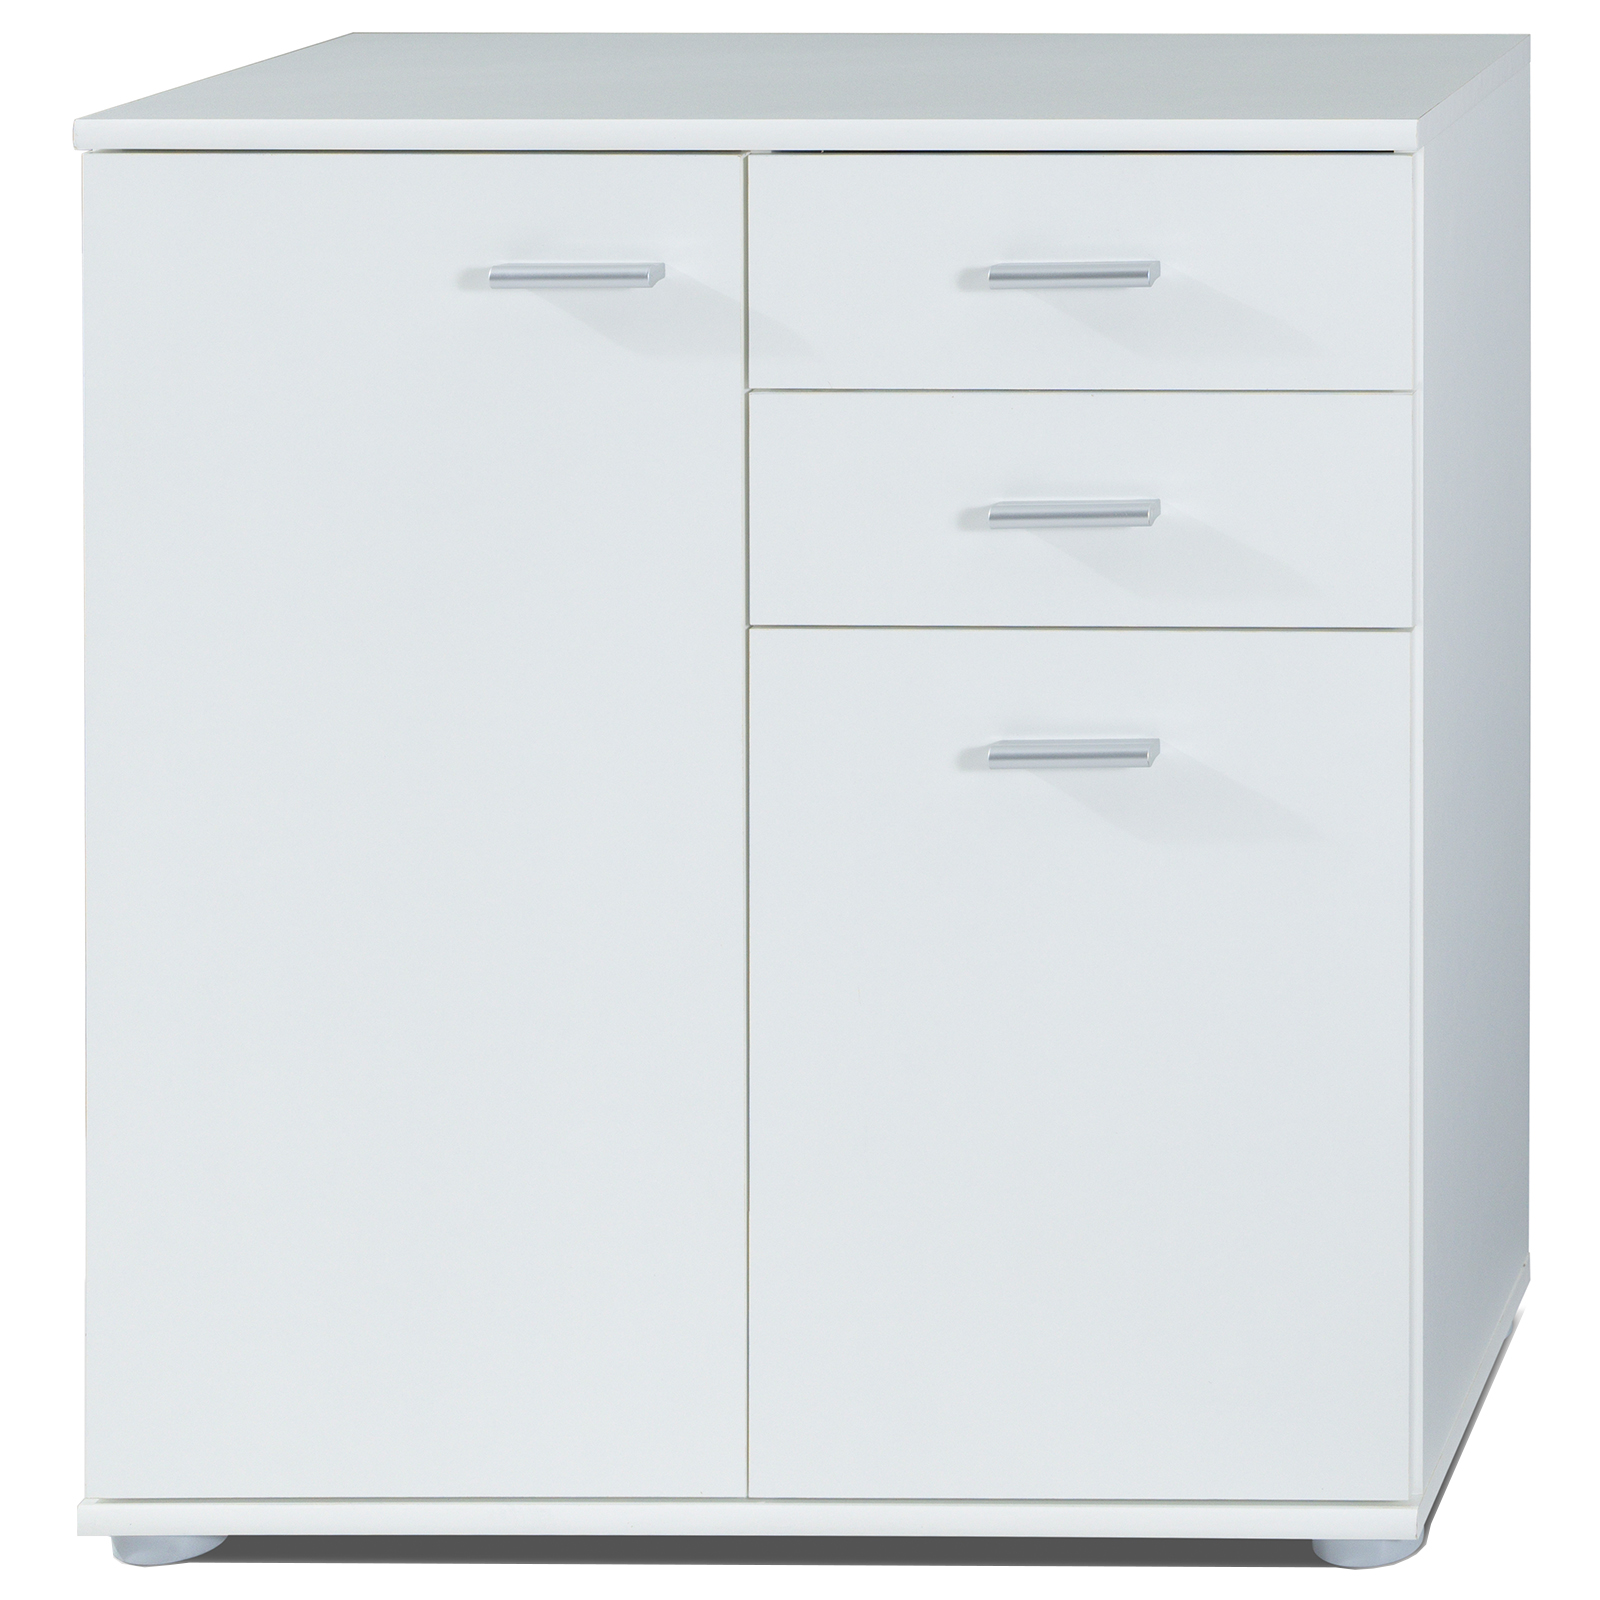 Kommode - weiß - Türen und Schubladen - 71 cm breit